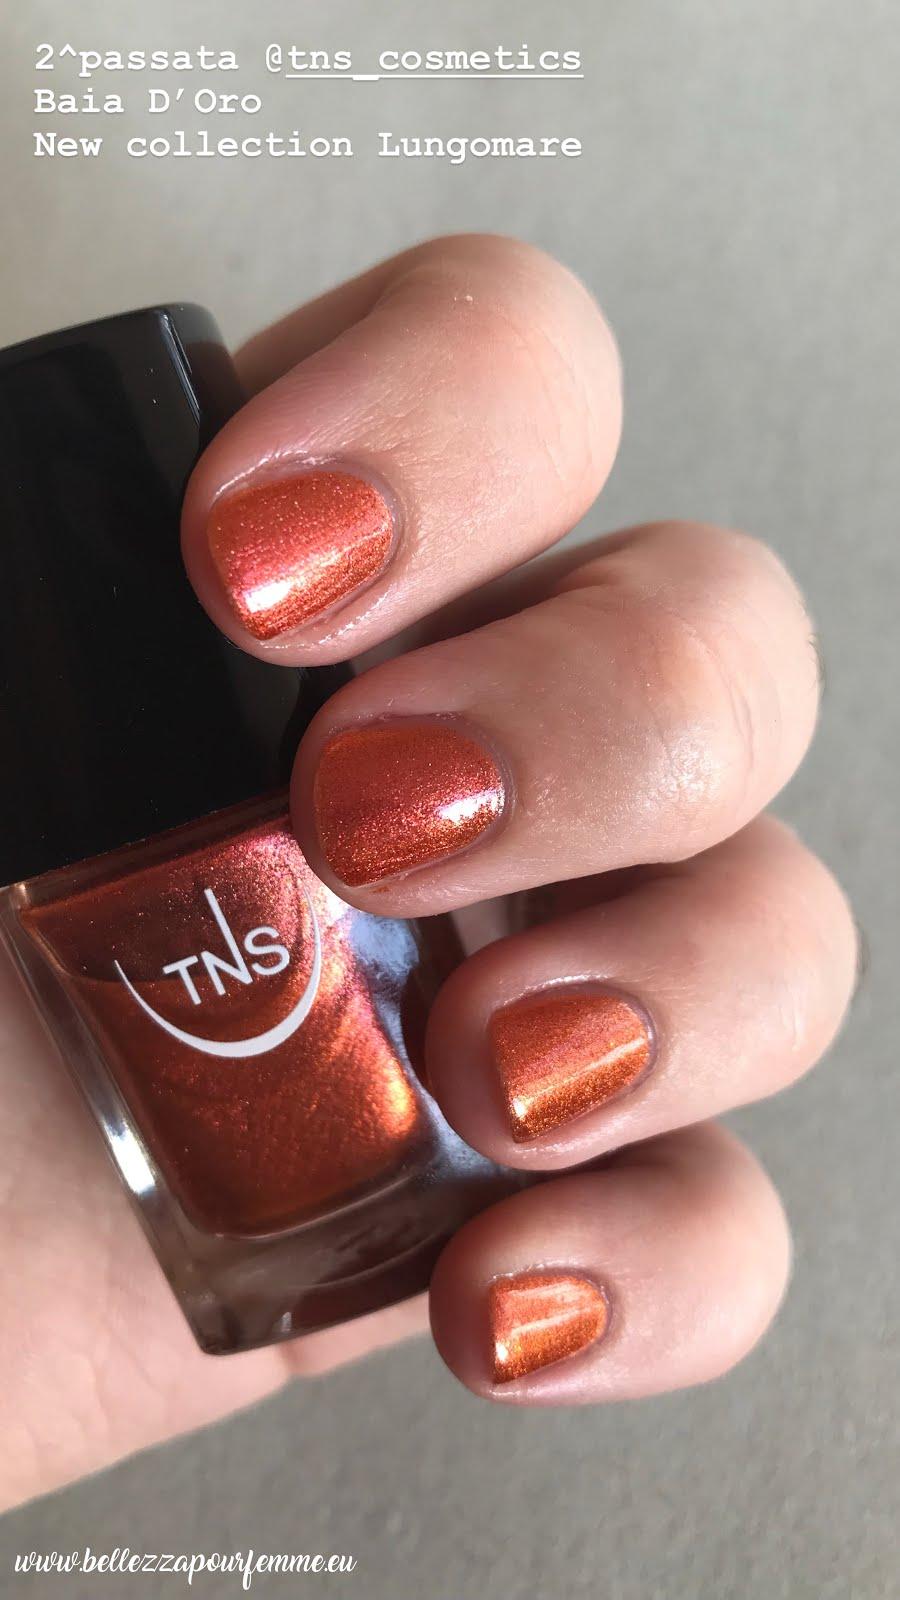 2 applicazione TNS Cosmetics SS 2018 Lungomare smalto Baia D'Oro